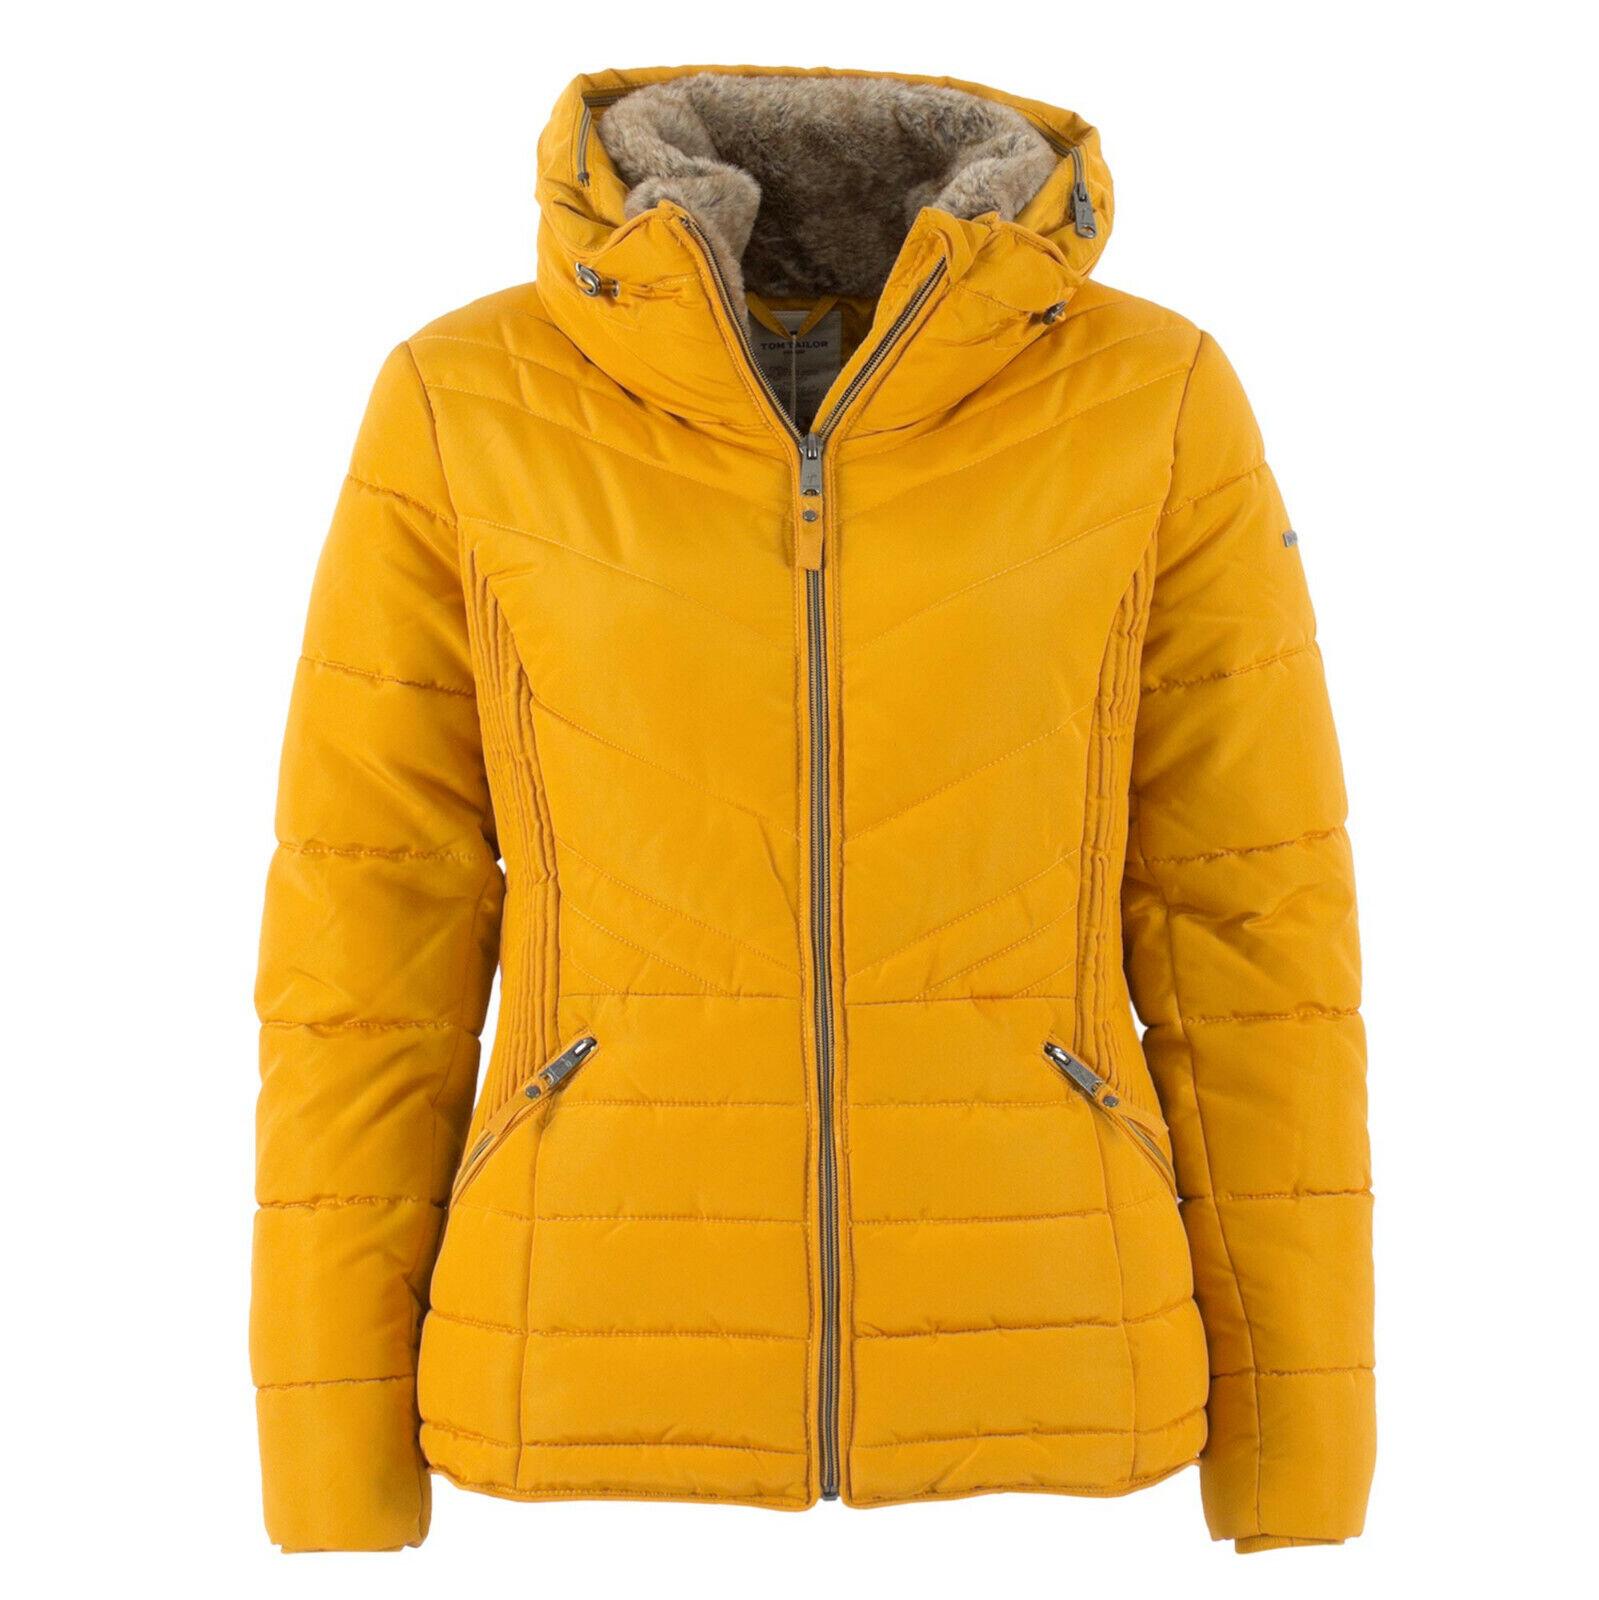 TOM TAILOR Damen Steppjacke 62343349 Merigold S + M Jacke, Winterjacke | eBay